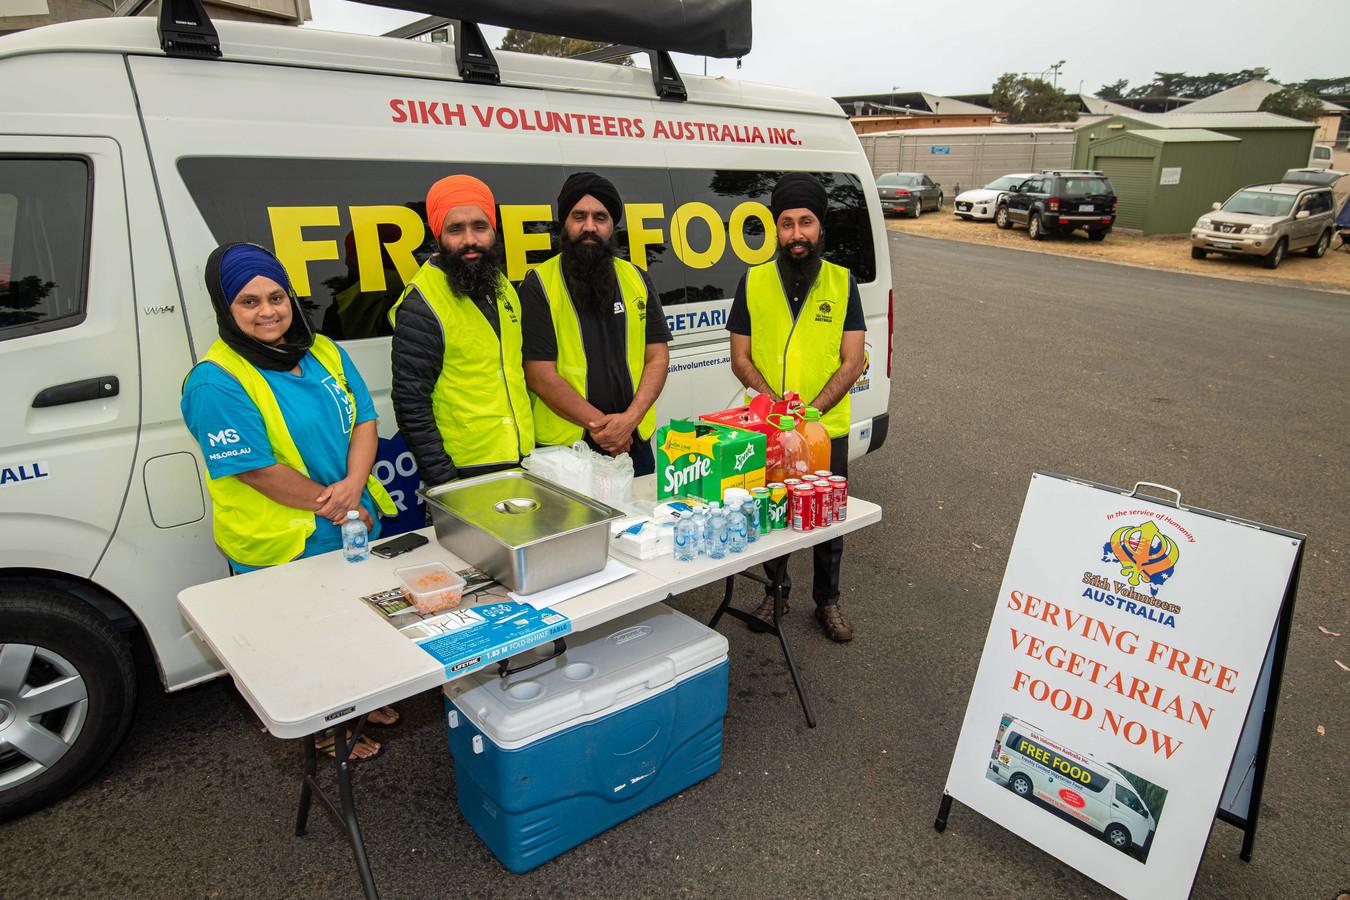 Sukhwinder Kaur (links) heeft al duizenden maaltijden bereid voor de gemeenschap in het door bosbranden getroffen gebied in Bairnsdale.